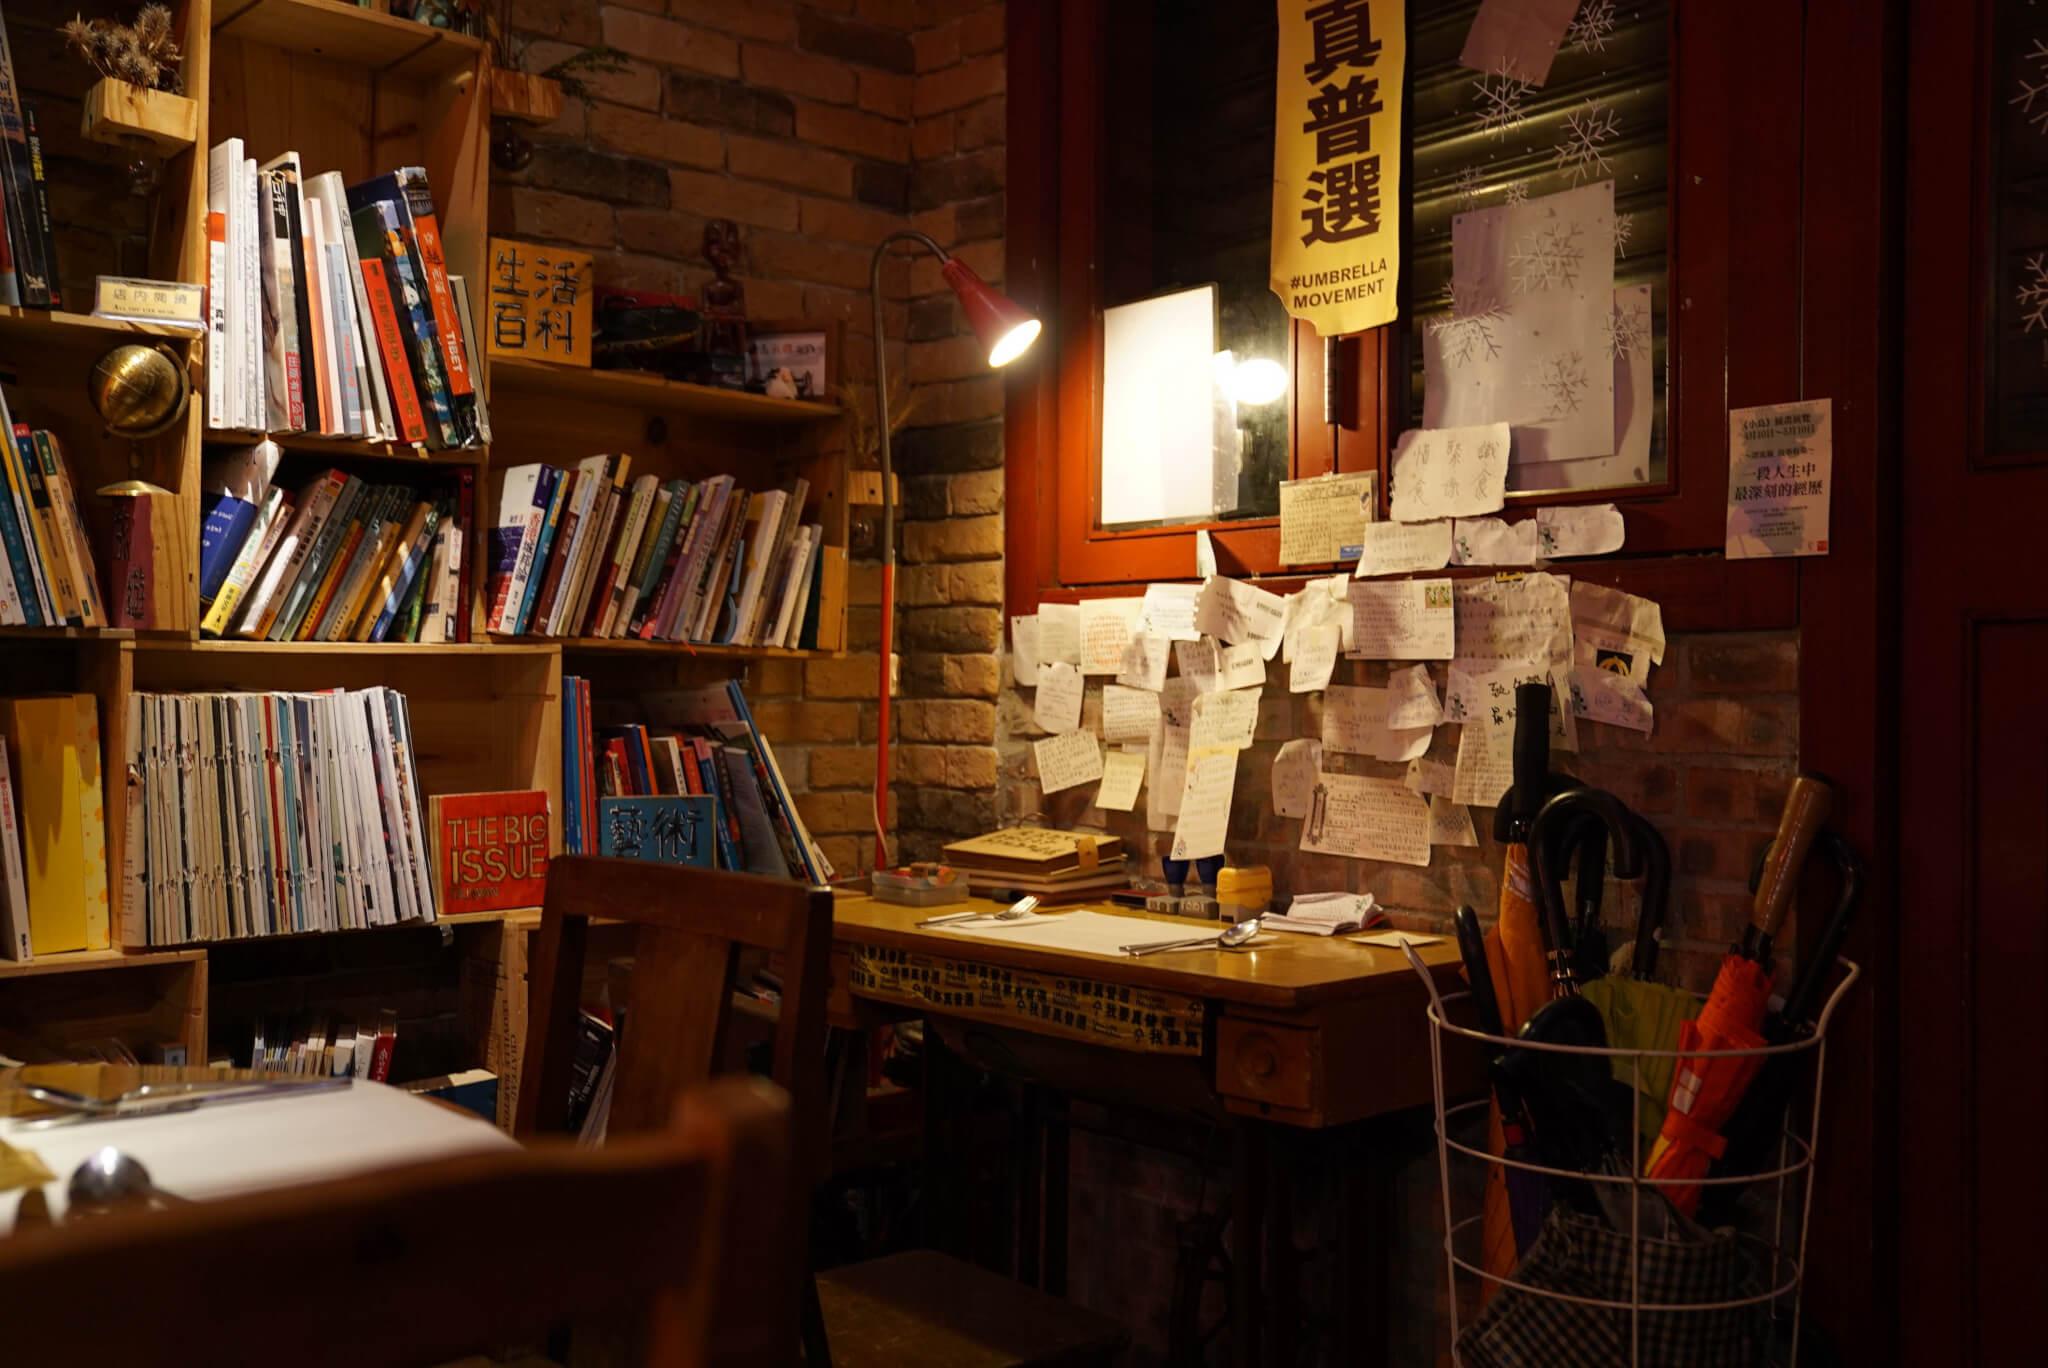 因為有太多人貼字條,岑仔特意放了記事簿供客人書寫,現已寫了滿滿的四本。